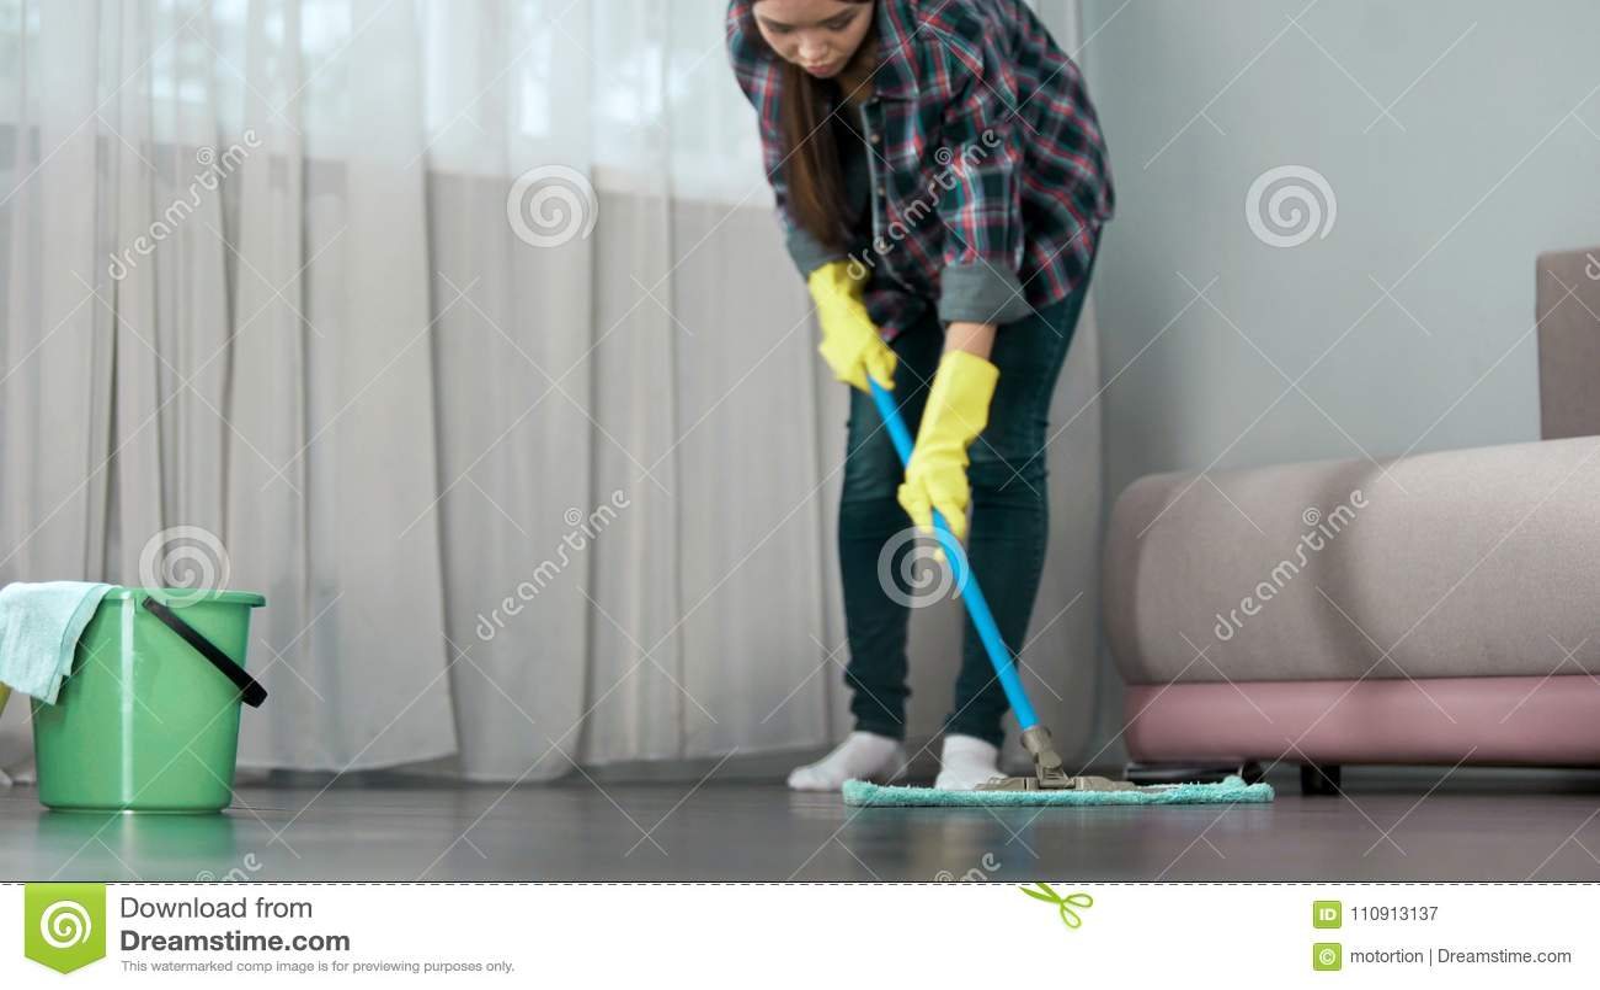 Criada que lava cuidadosamente el piso de la habitación antes de la llegada de huéspedes, limpiando